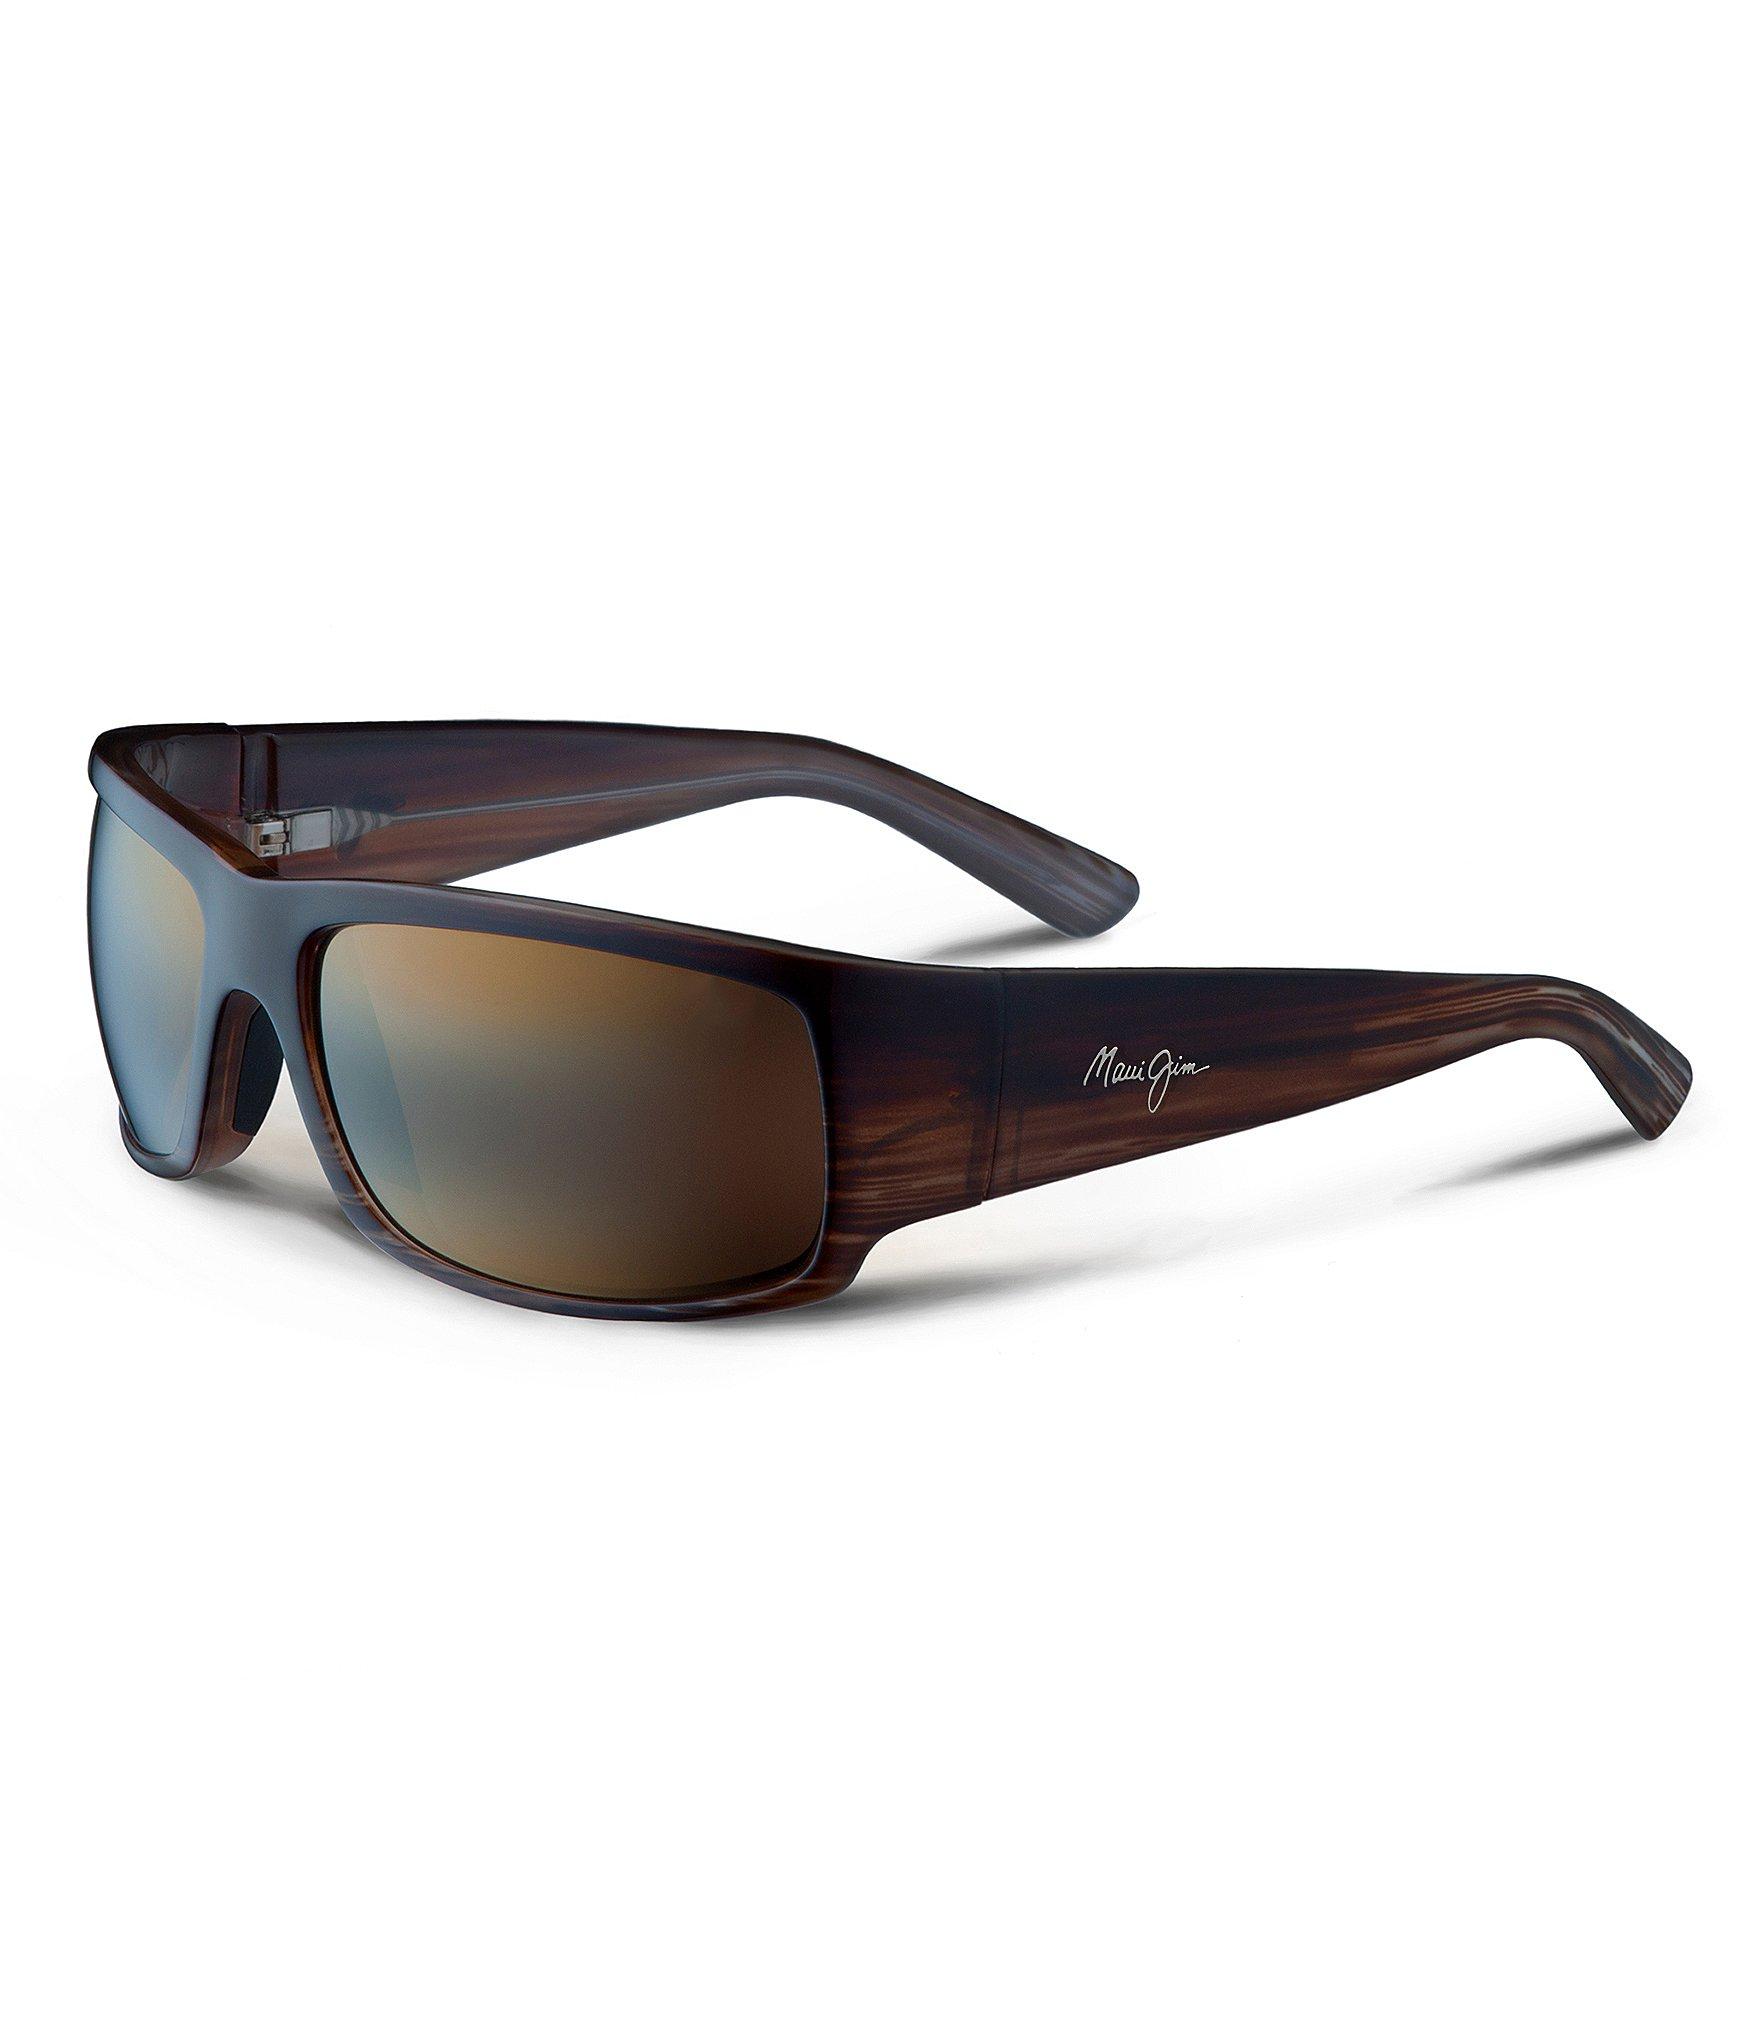 2f526bdf0ed Maui Jim World Cup Polarized Sunglasses